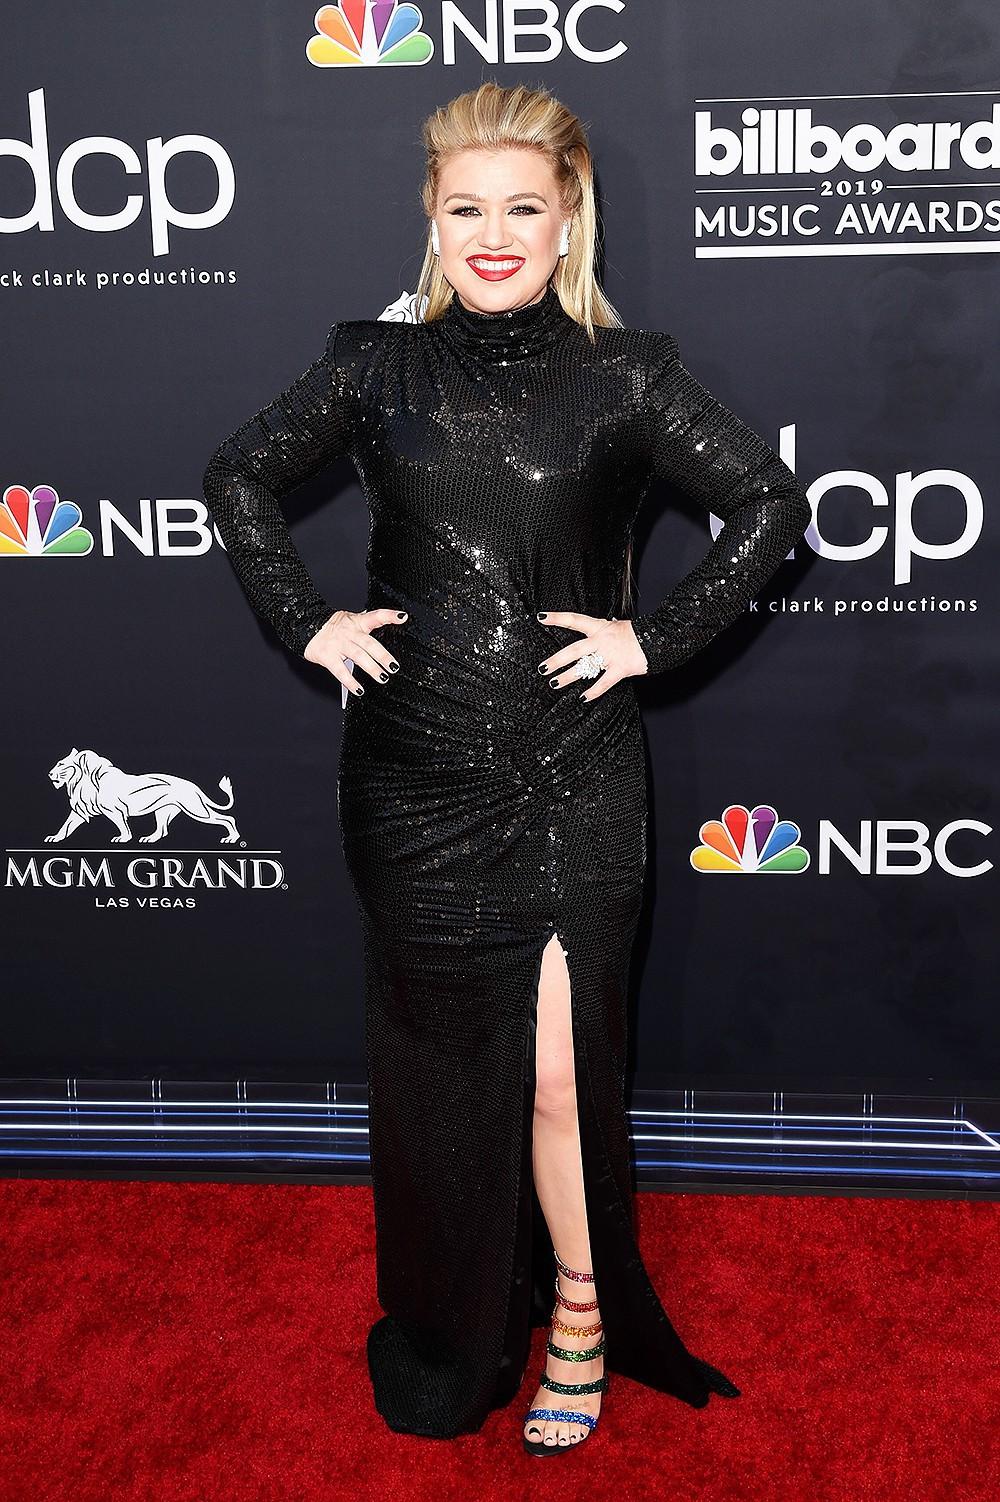 Nhờ đầm của NTK Công Trí, nữ diễn viên Avengers tỏa sáng trên thảm đỏ Billboard 2019, chặt chém được cả Taylor Swift - Ảnh 7.